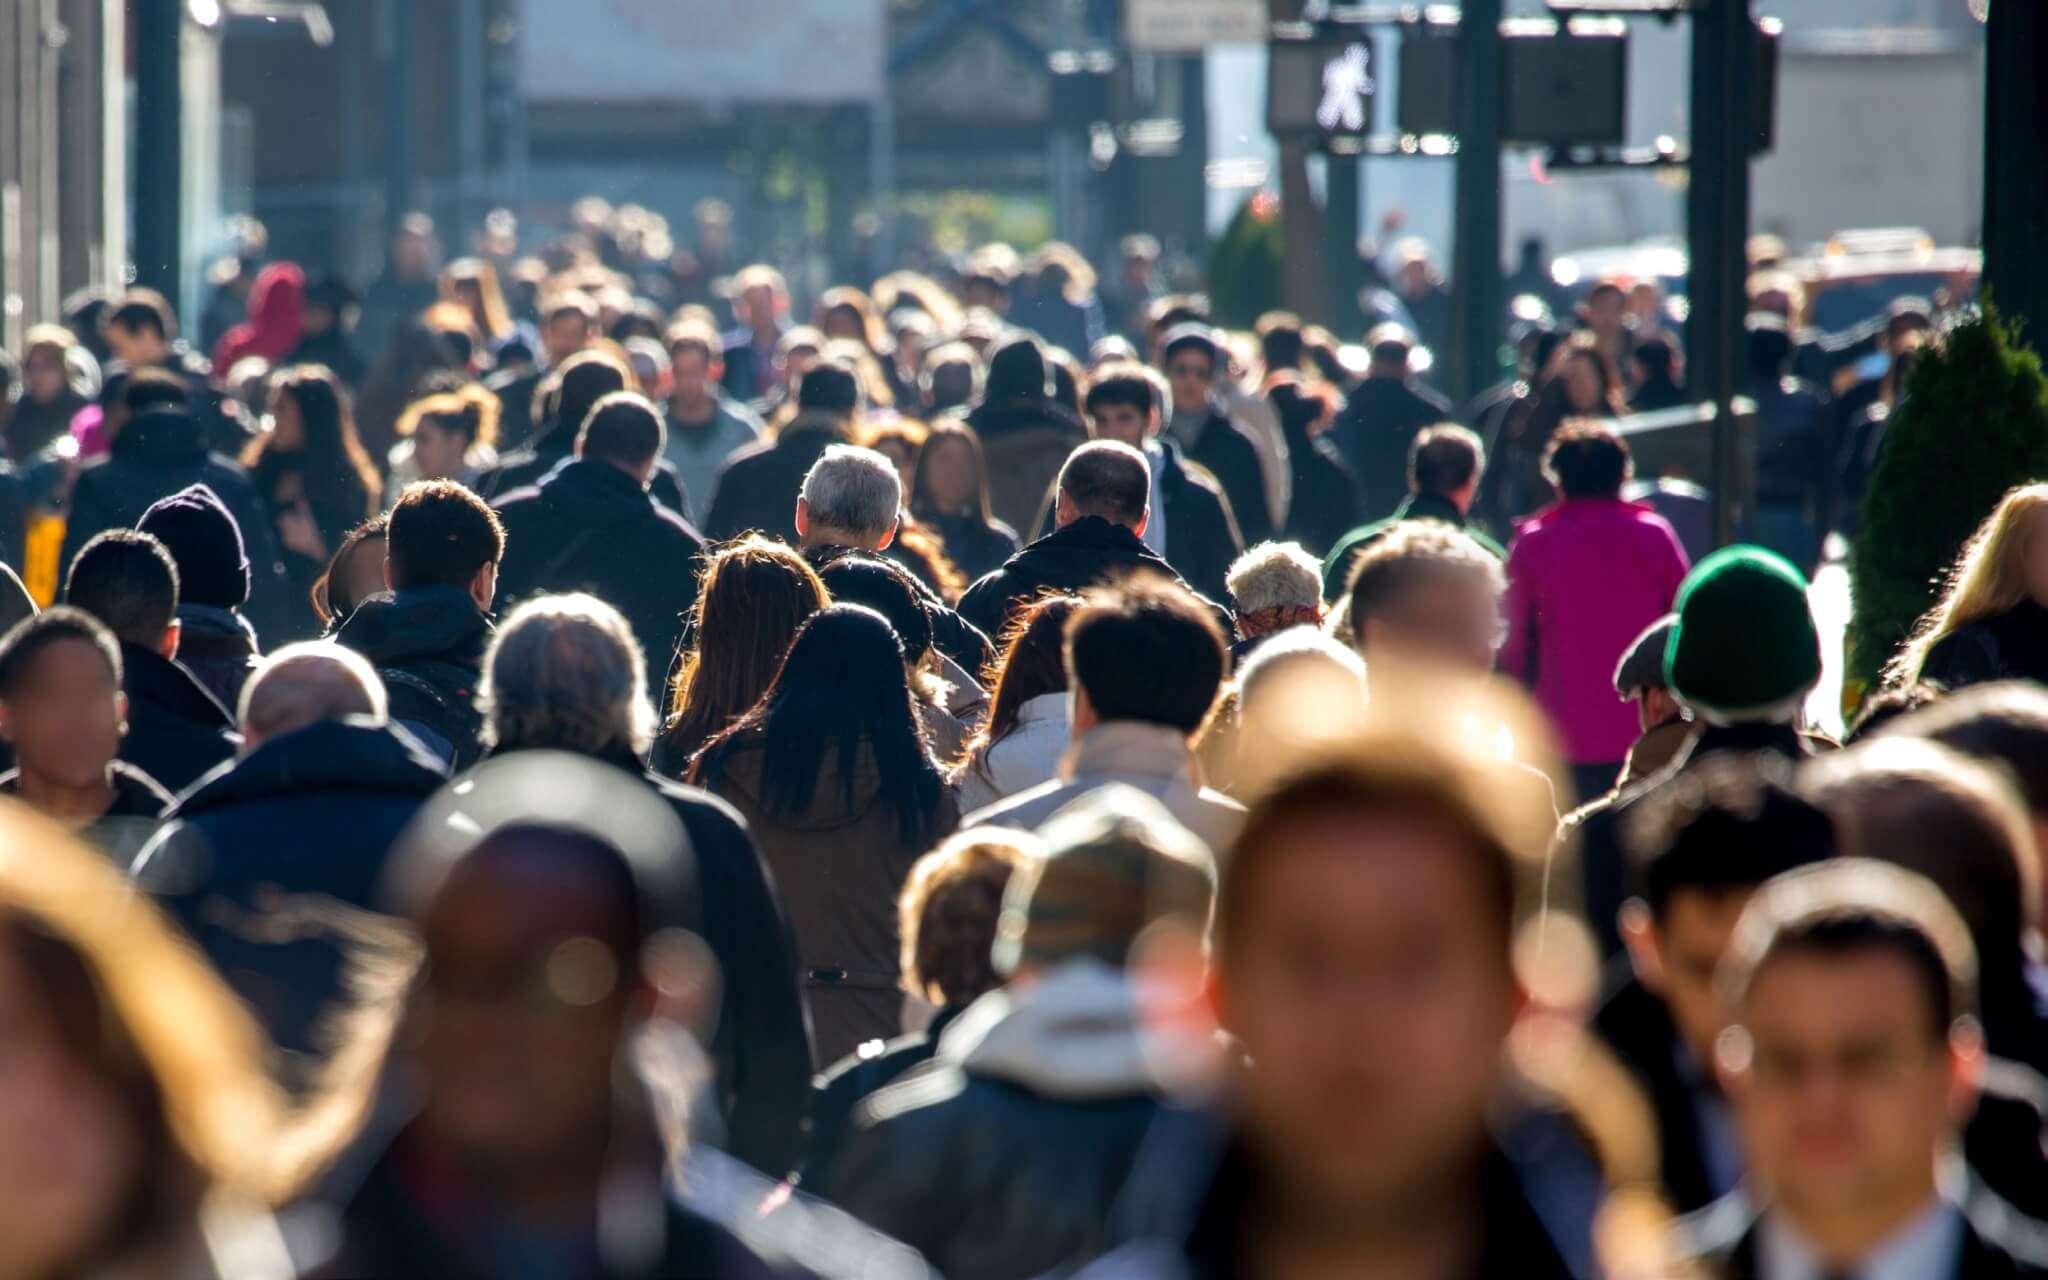 Persone cittadini gente